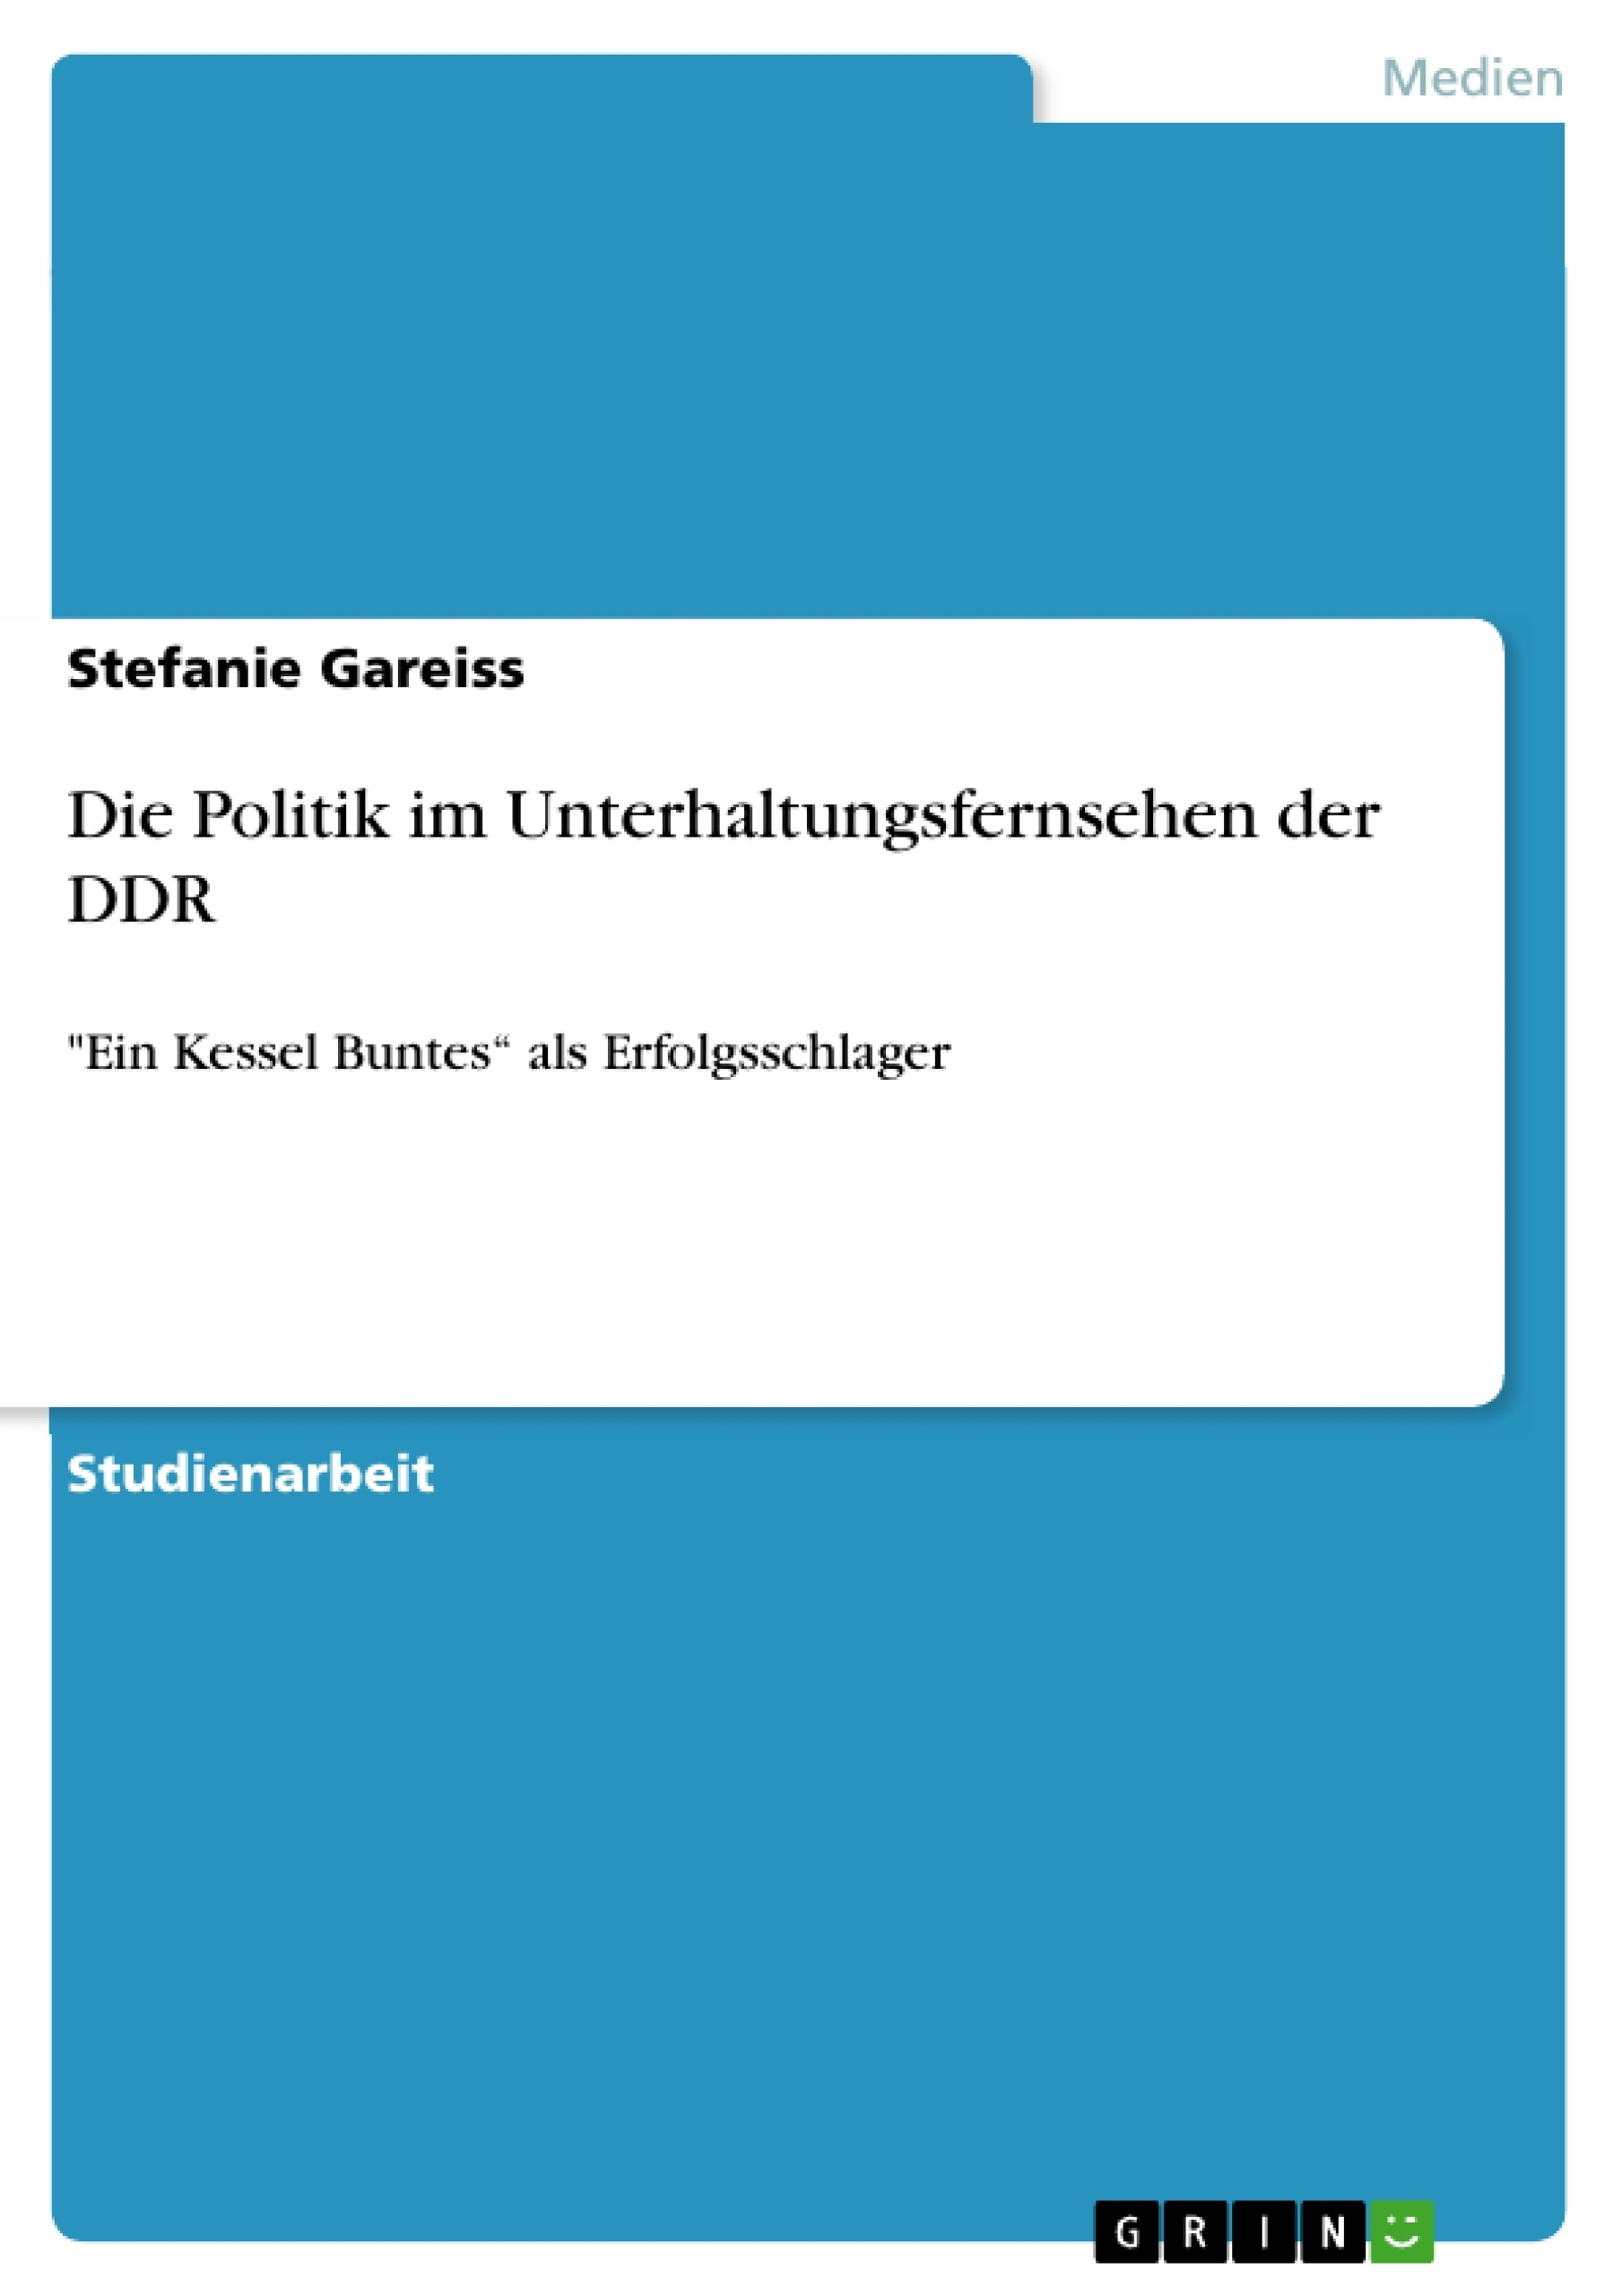 Die Politik im Unterhaltungsfernsehen der DDR   Masterarbeit ...